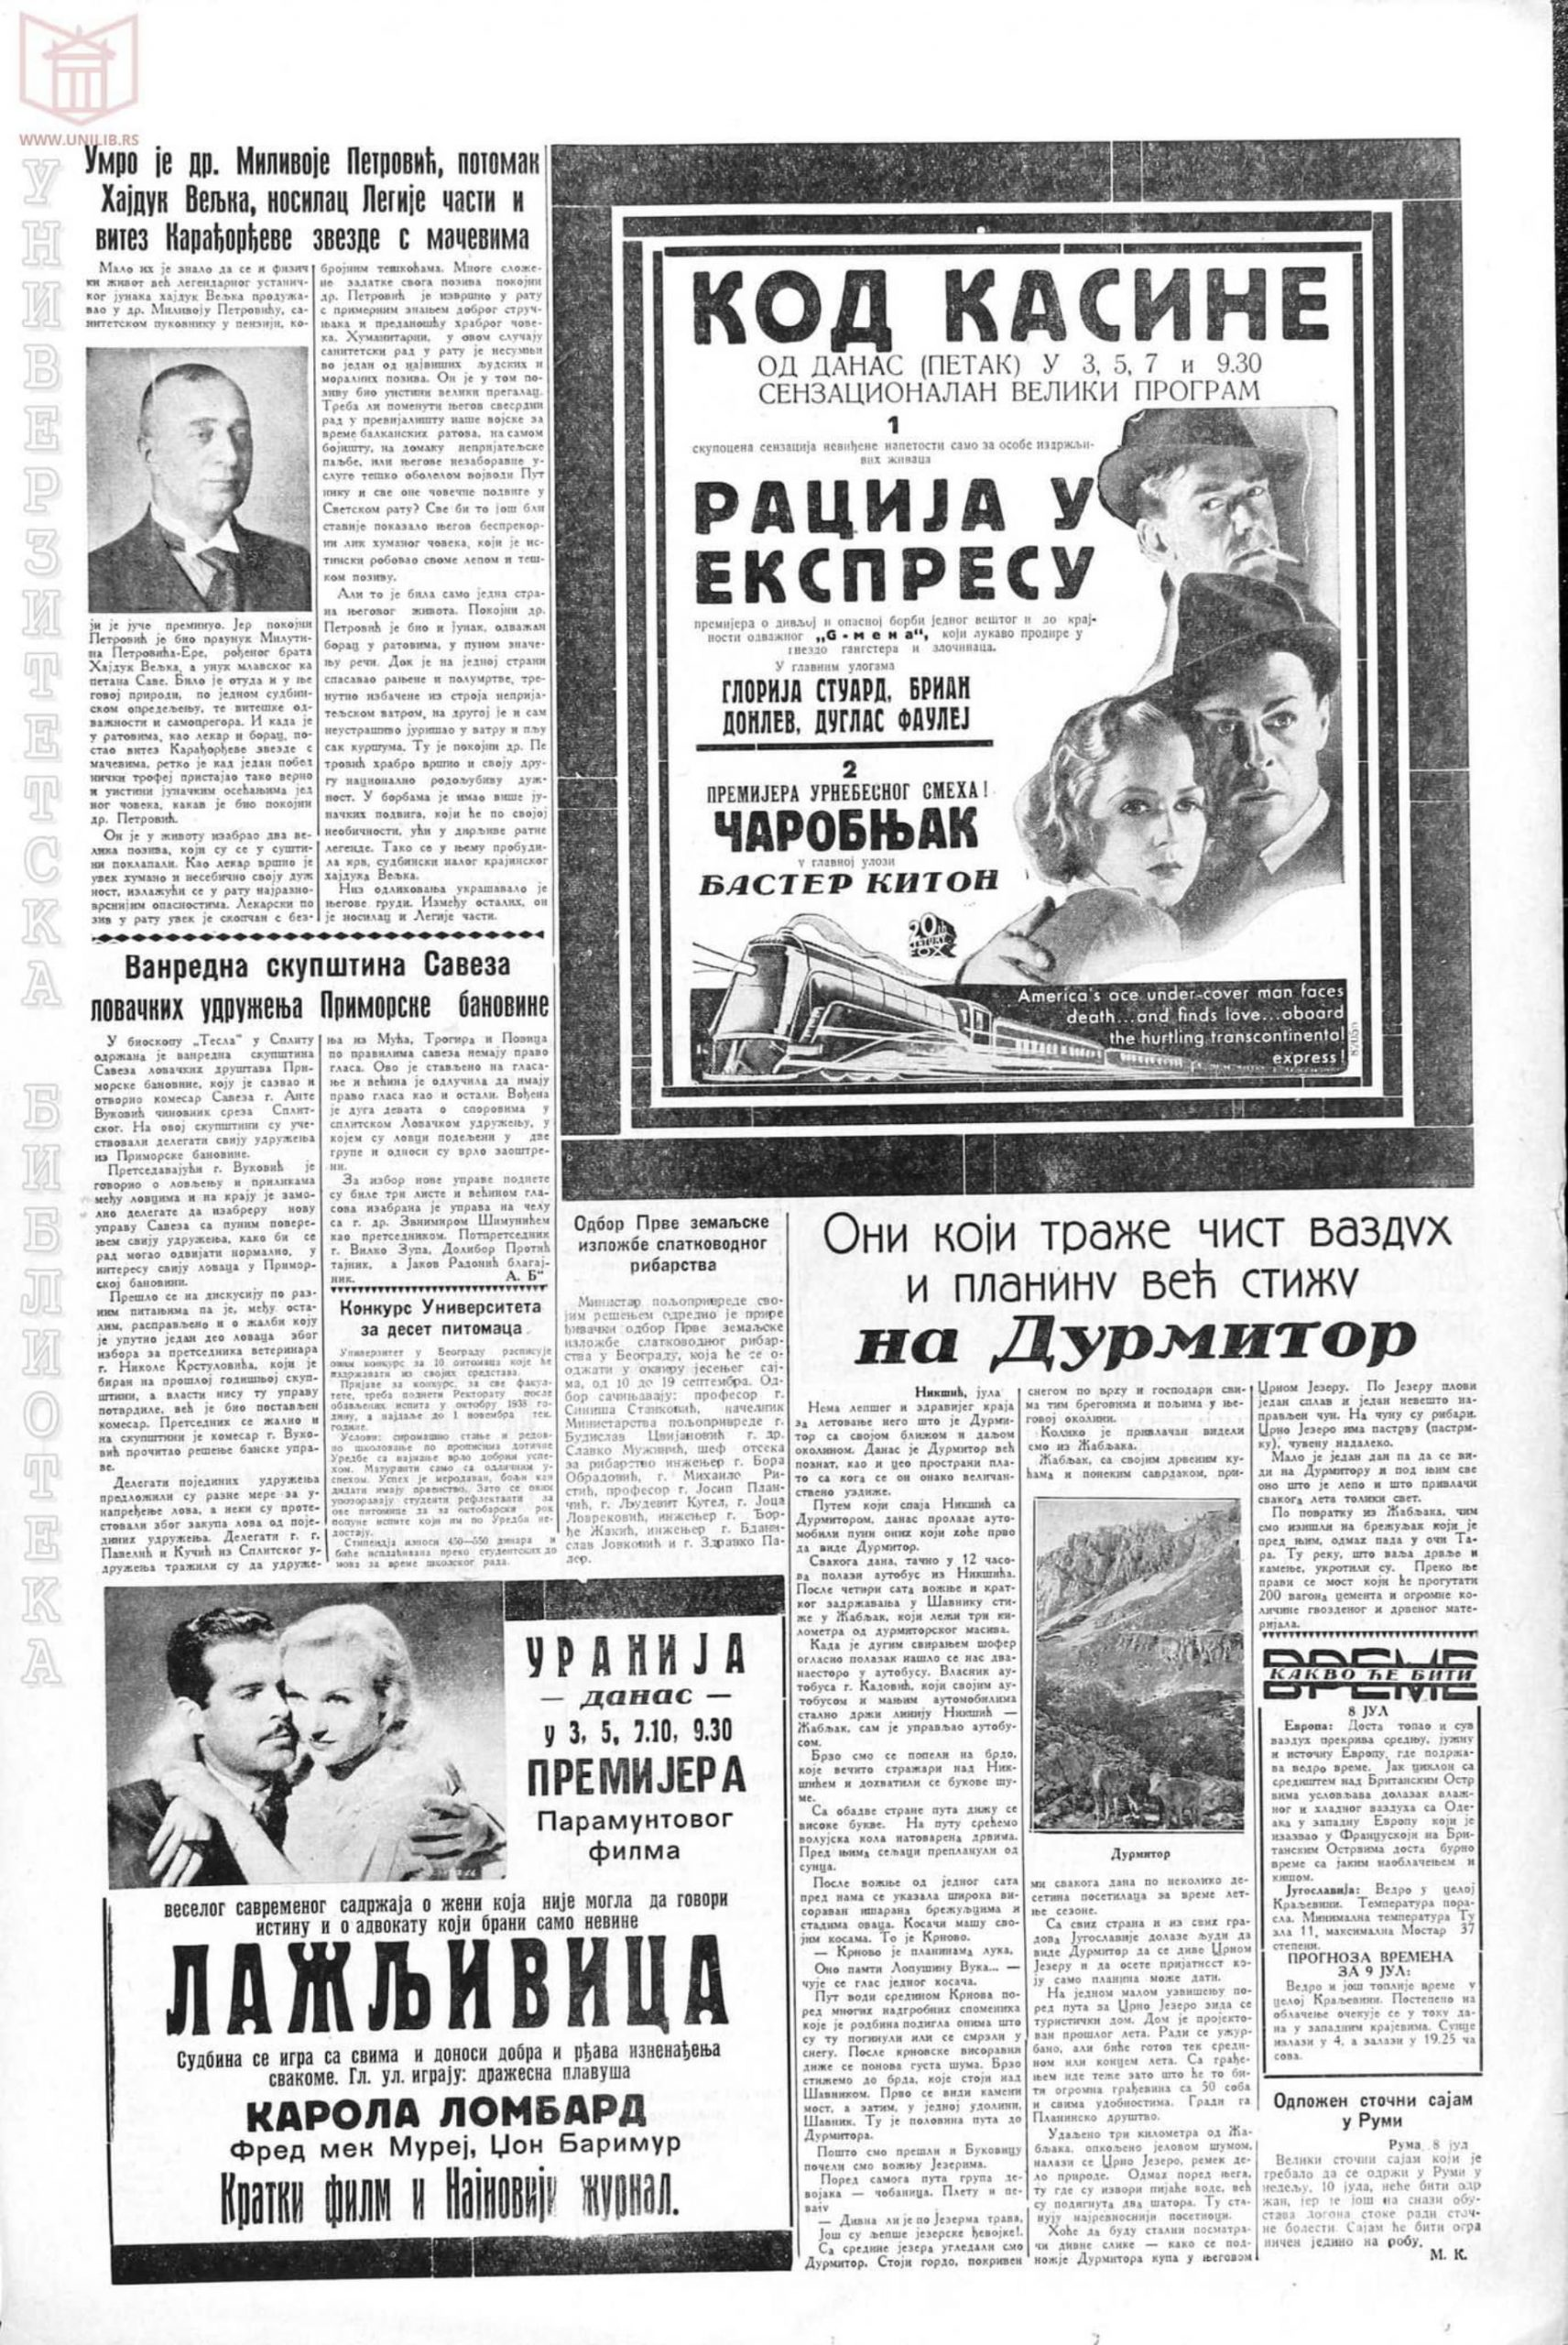 Pravda 09.07.1938 p7-1